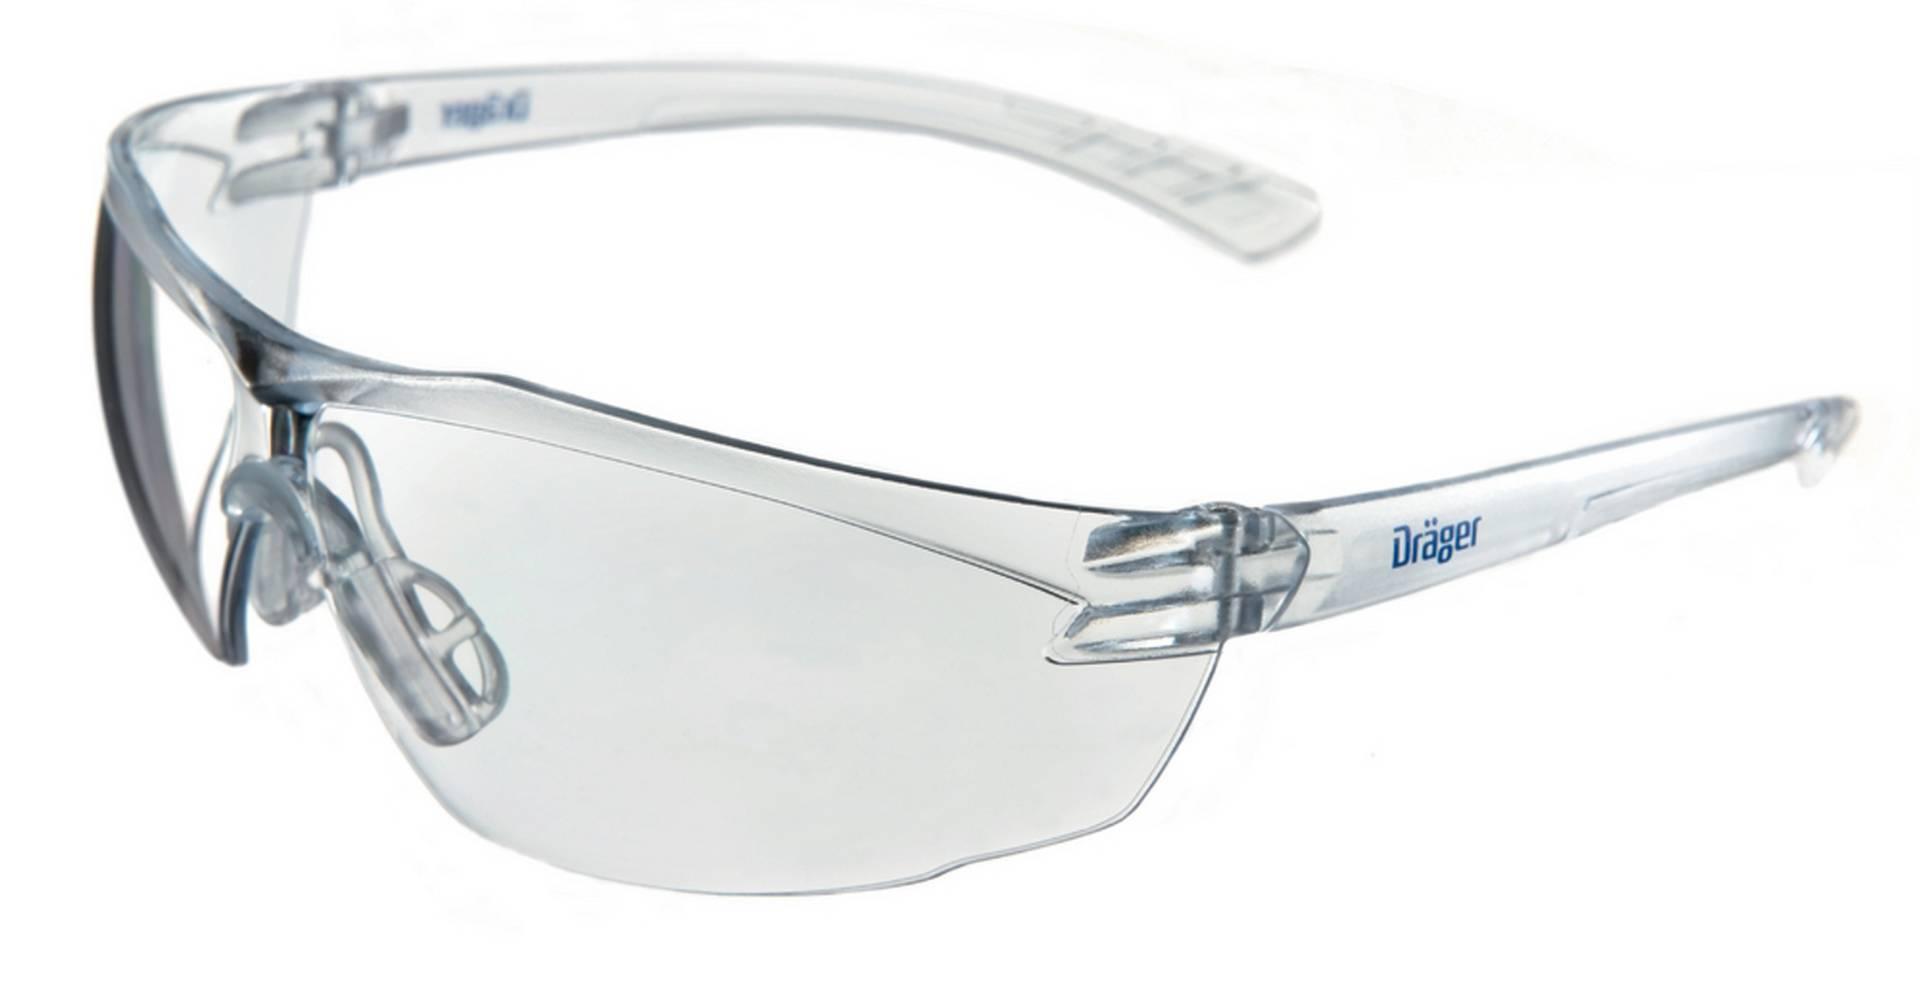 Schutzbrille l5G1qJ